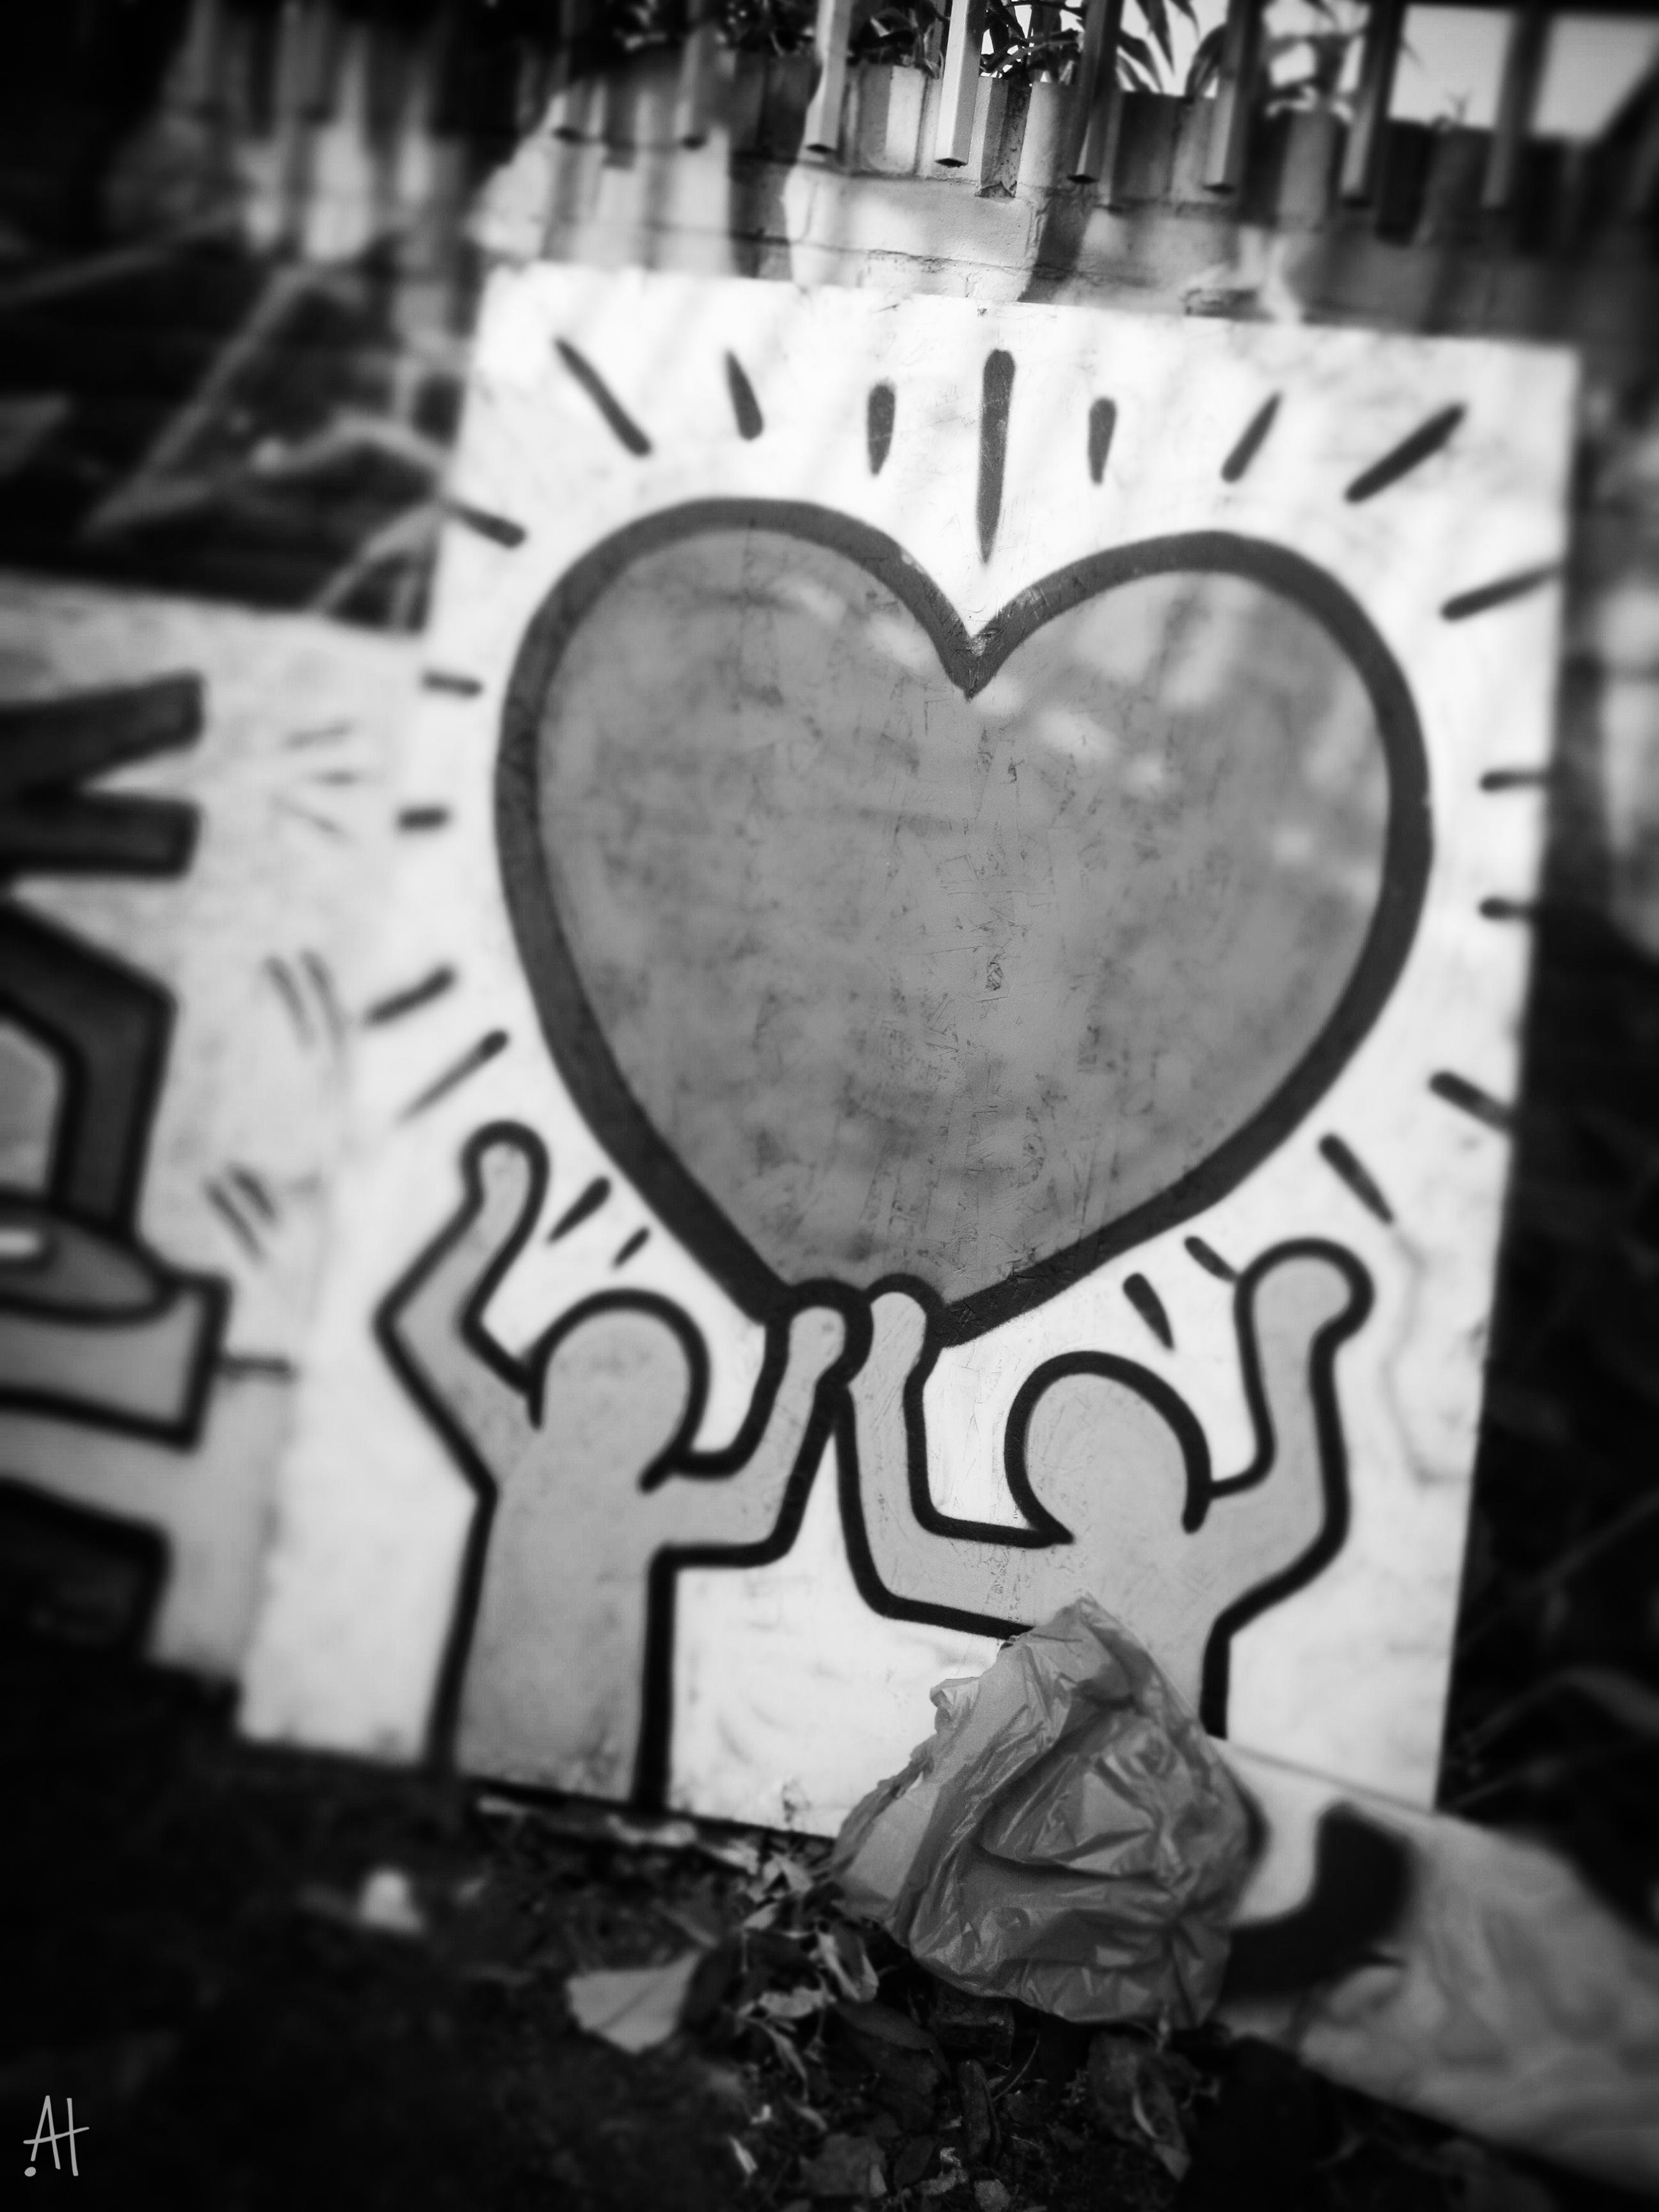 #Artbeat